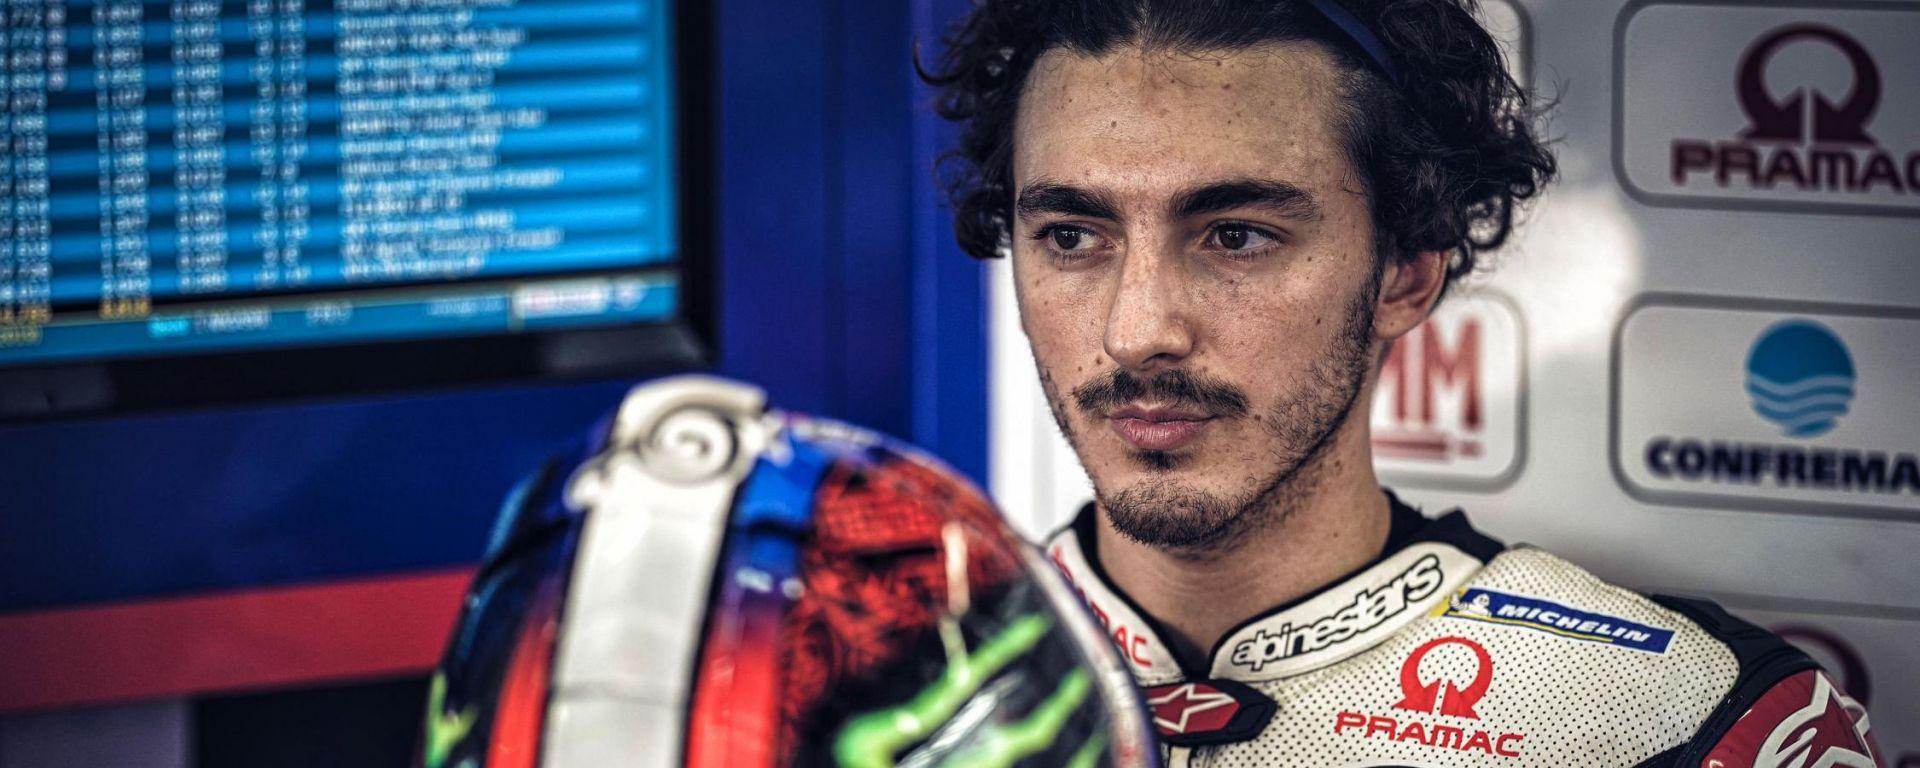 Francesco Bagnaia (Ducati Pramac)